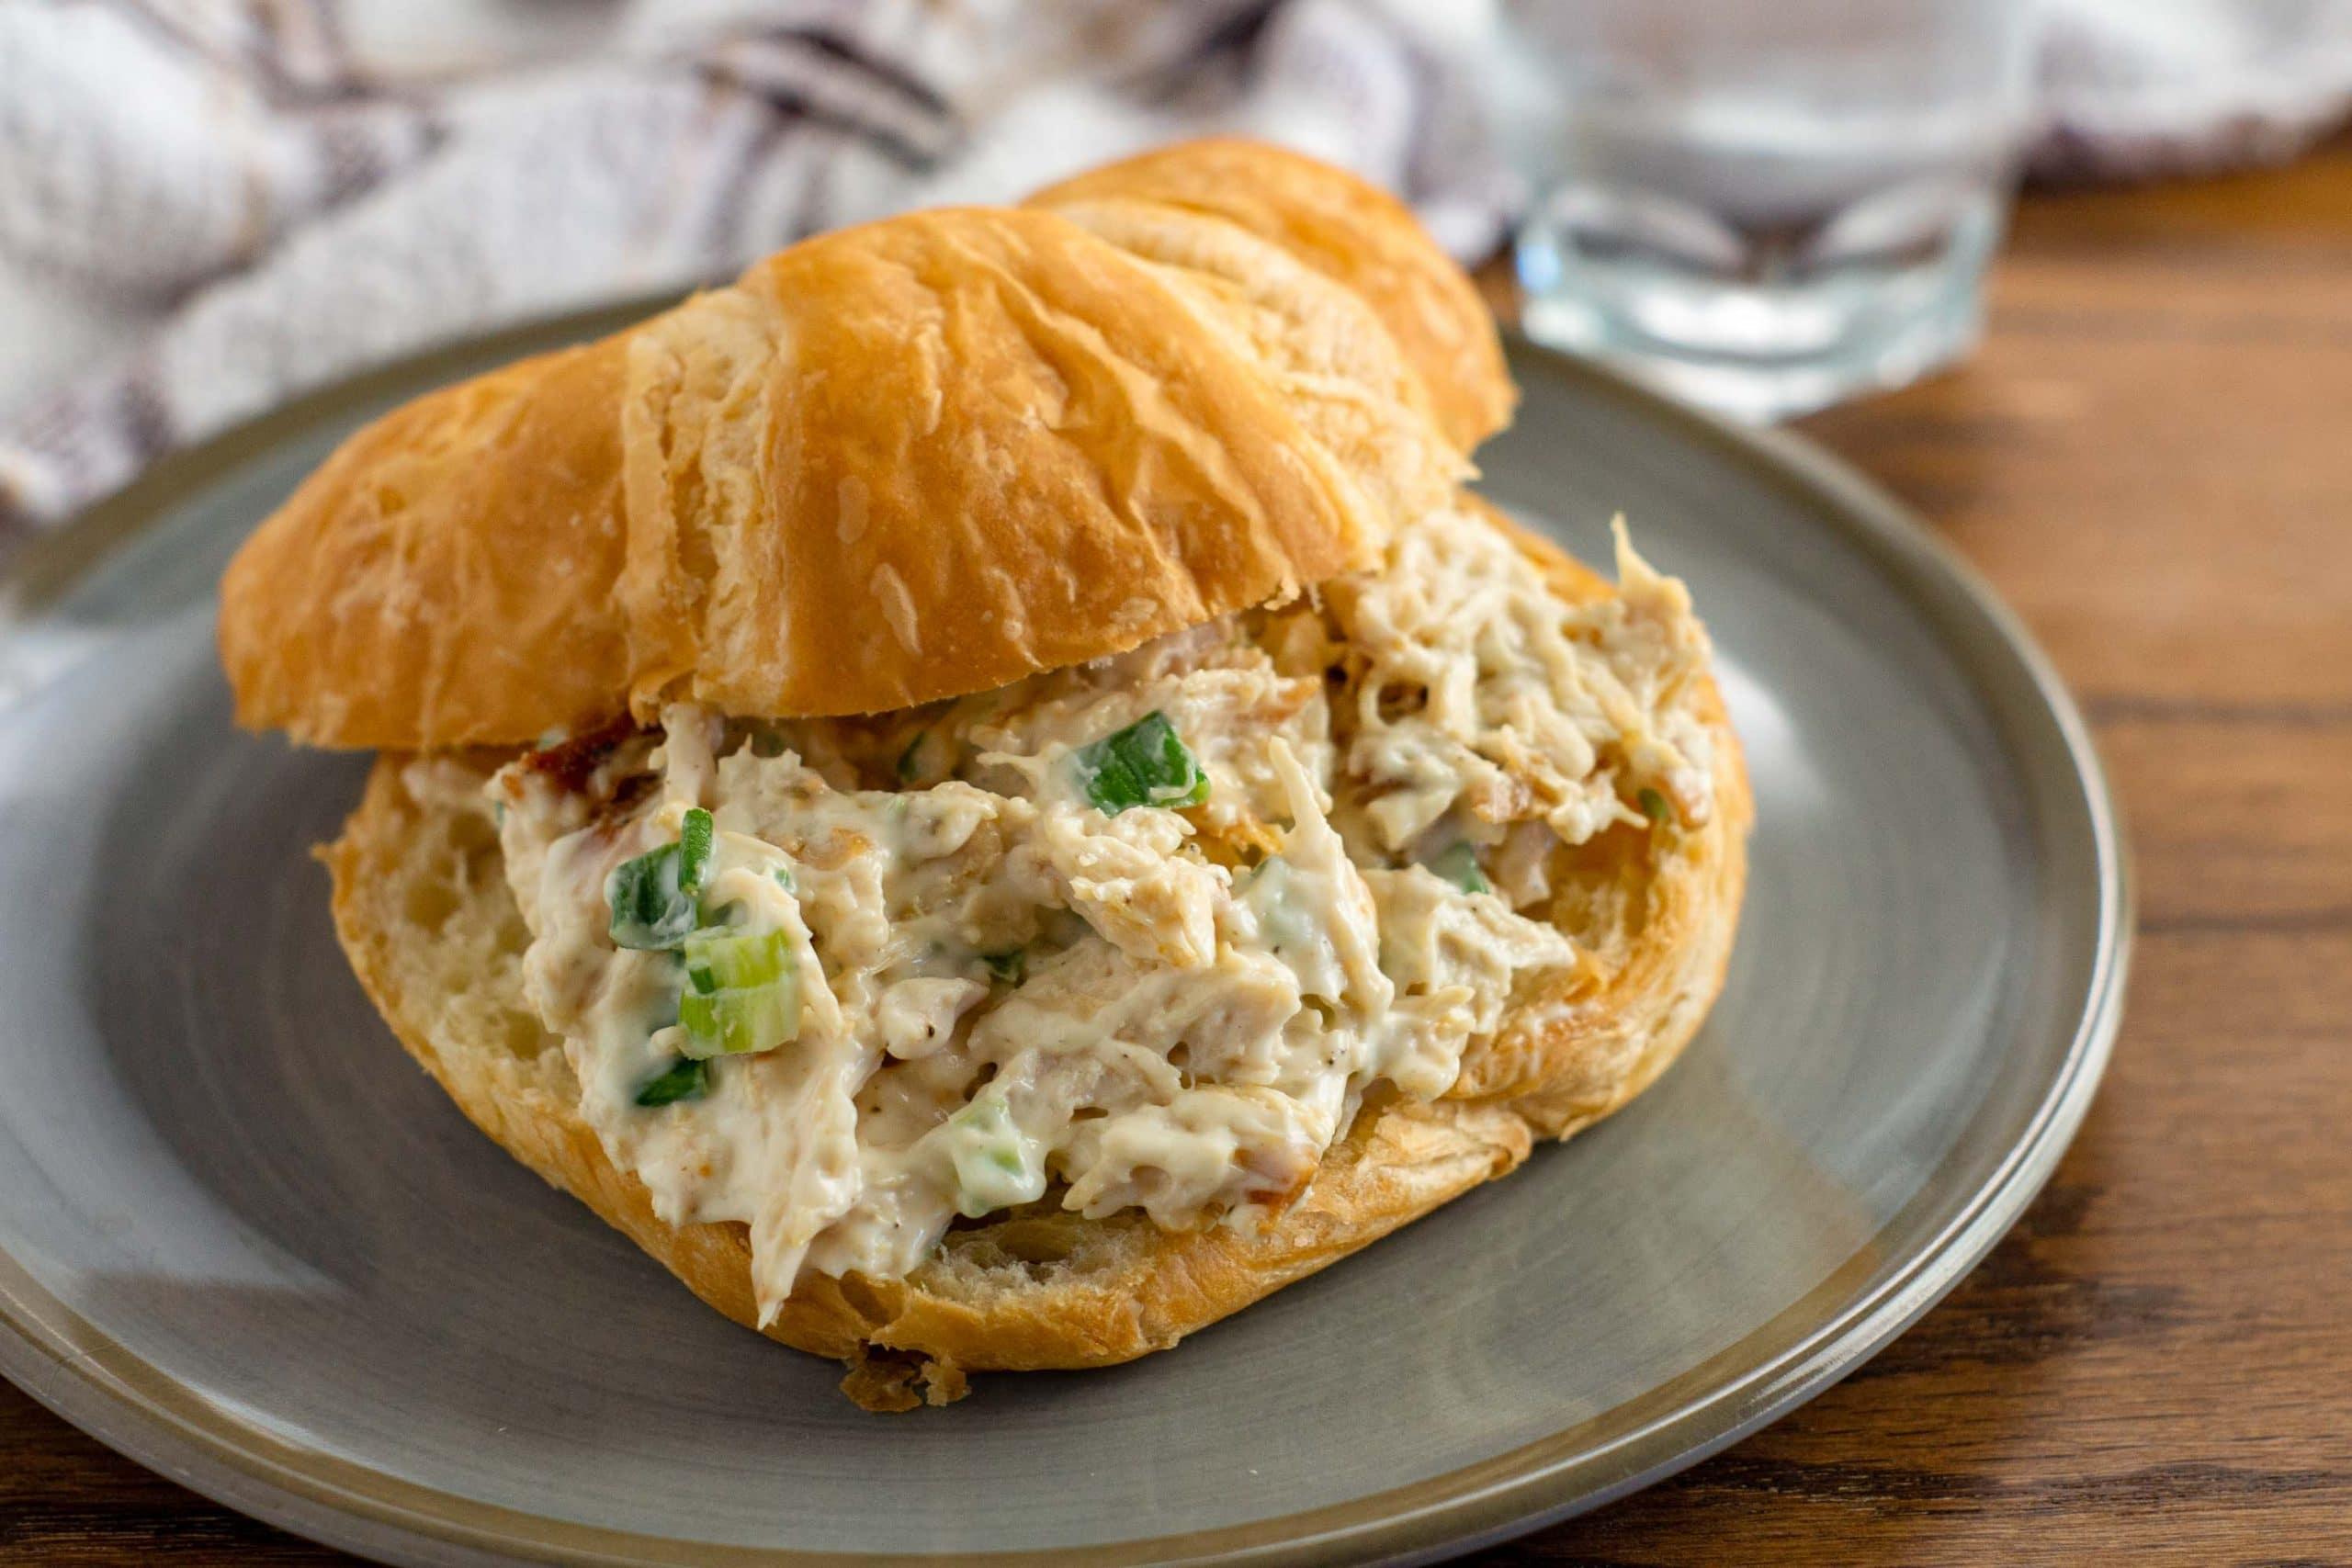 chicken sandwich on plate